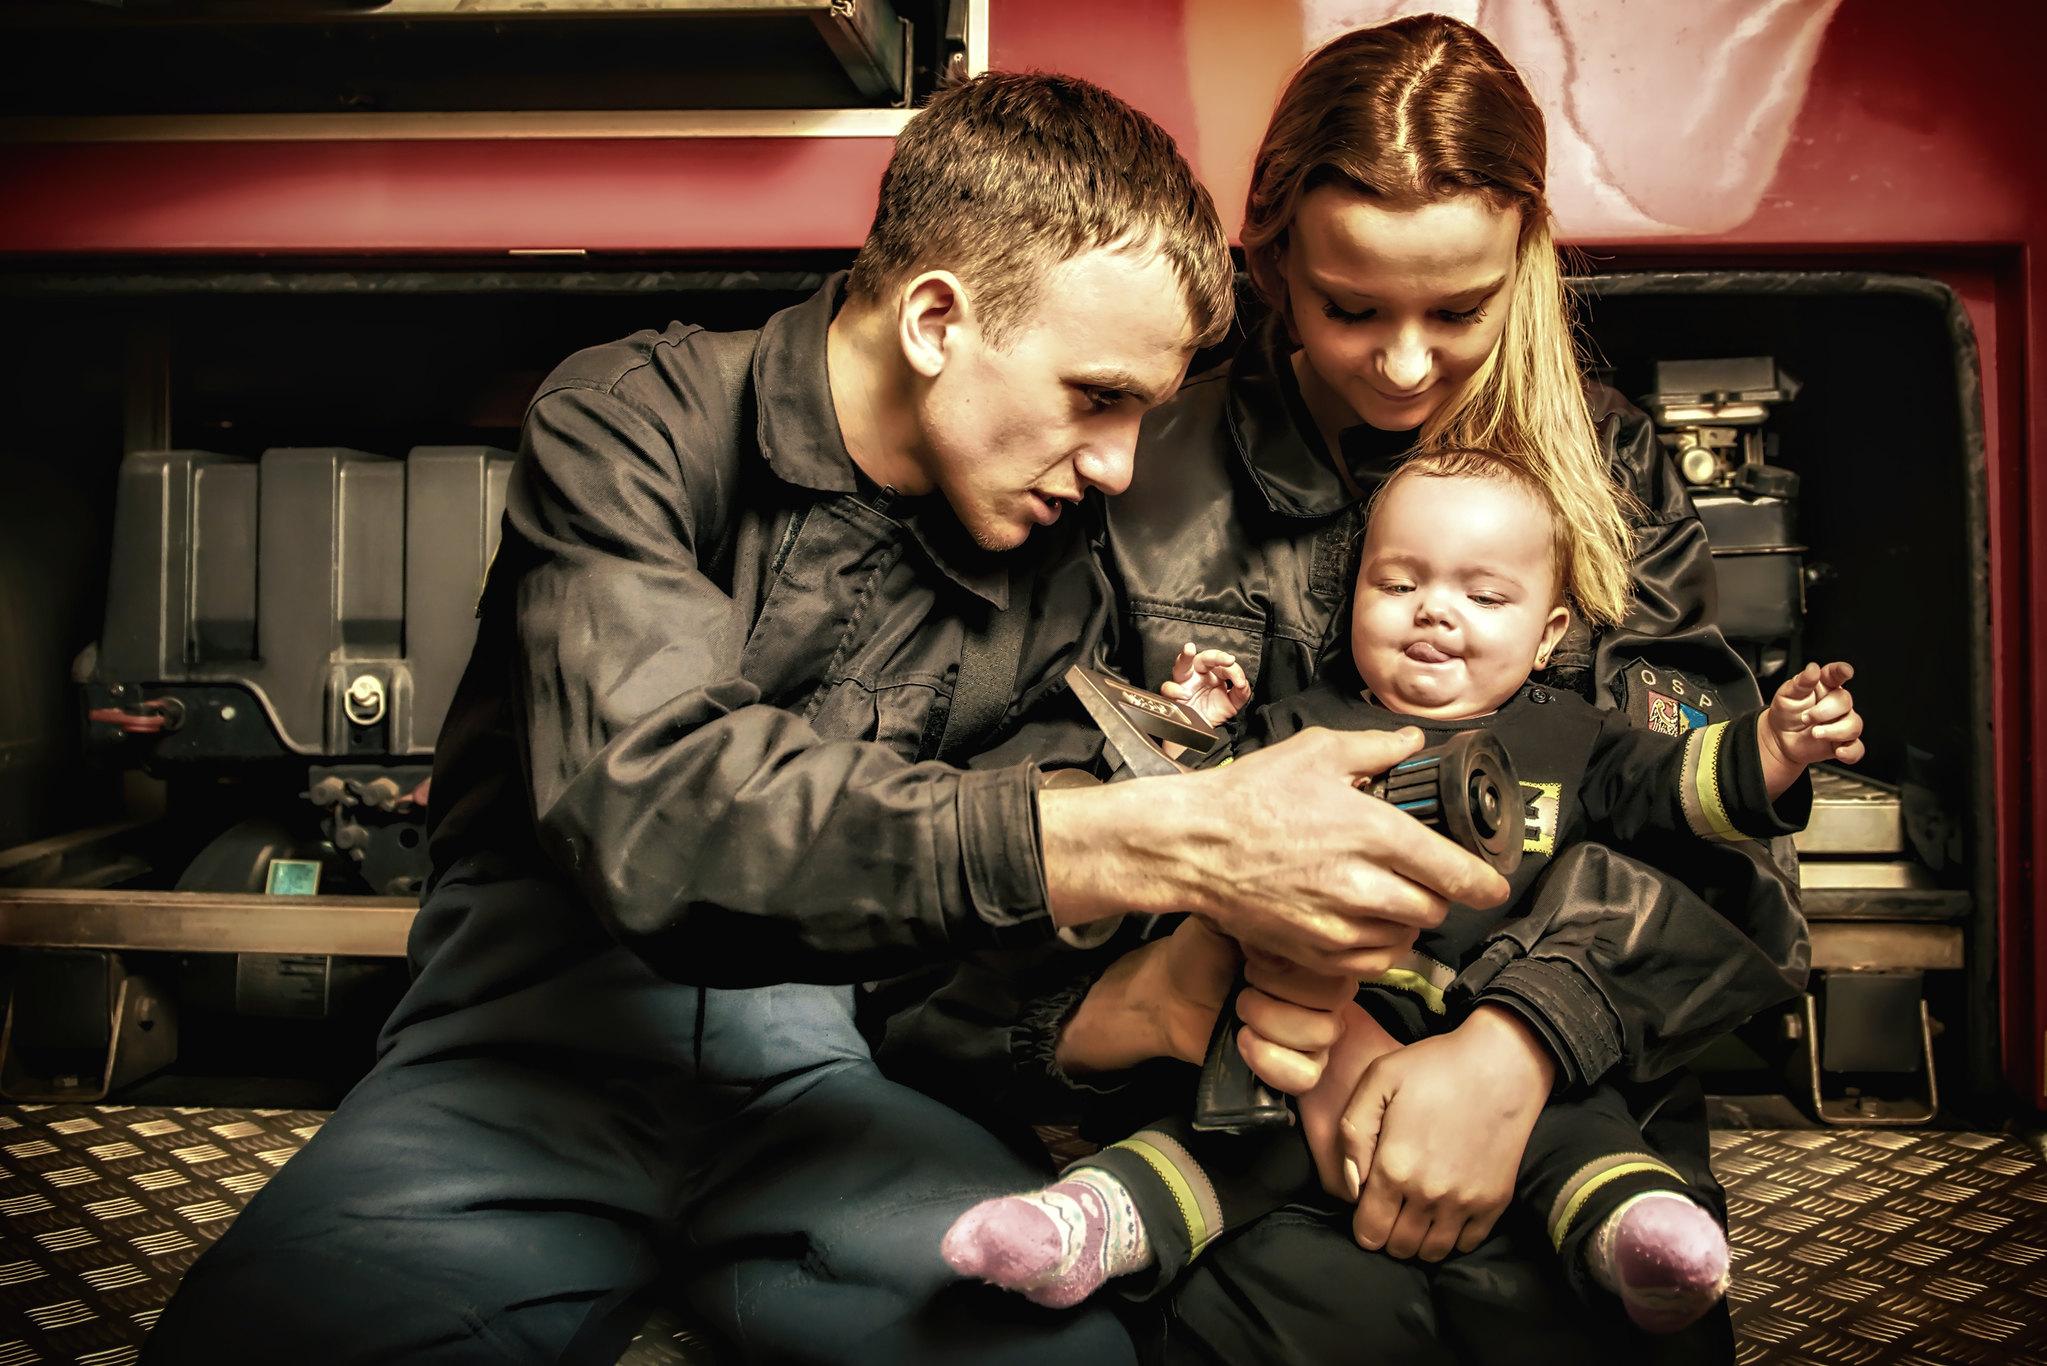 Sesja rodzinna po strażacku.